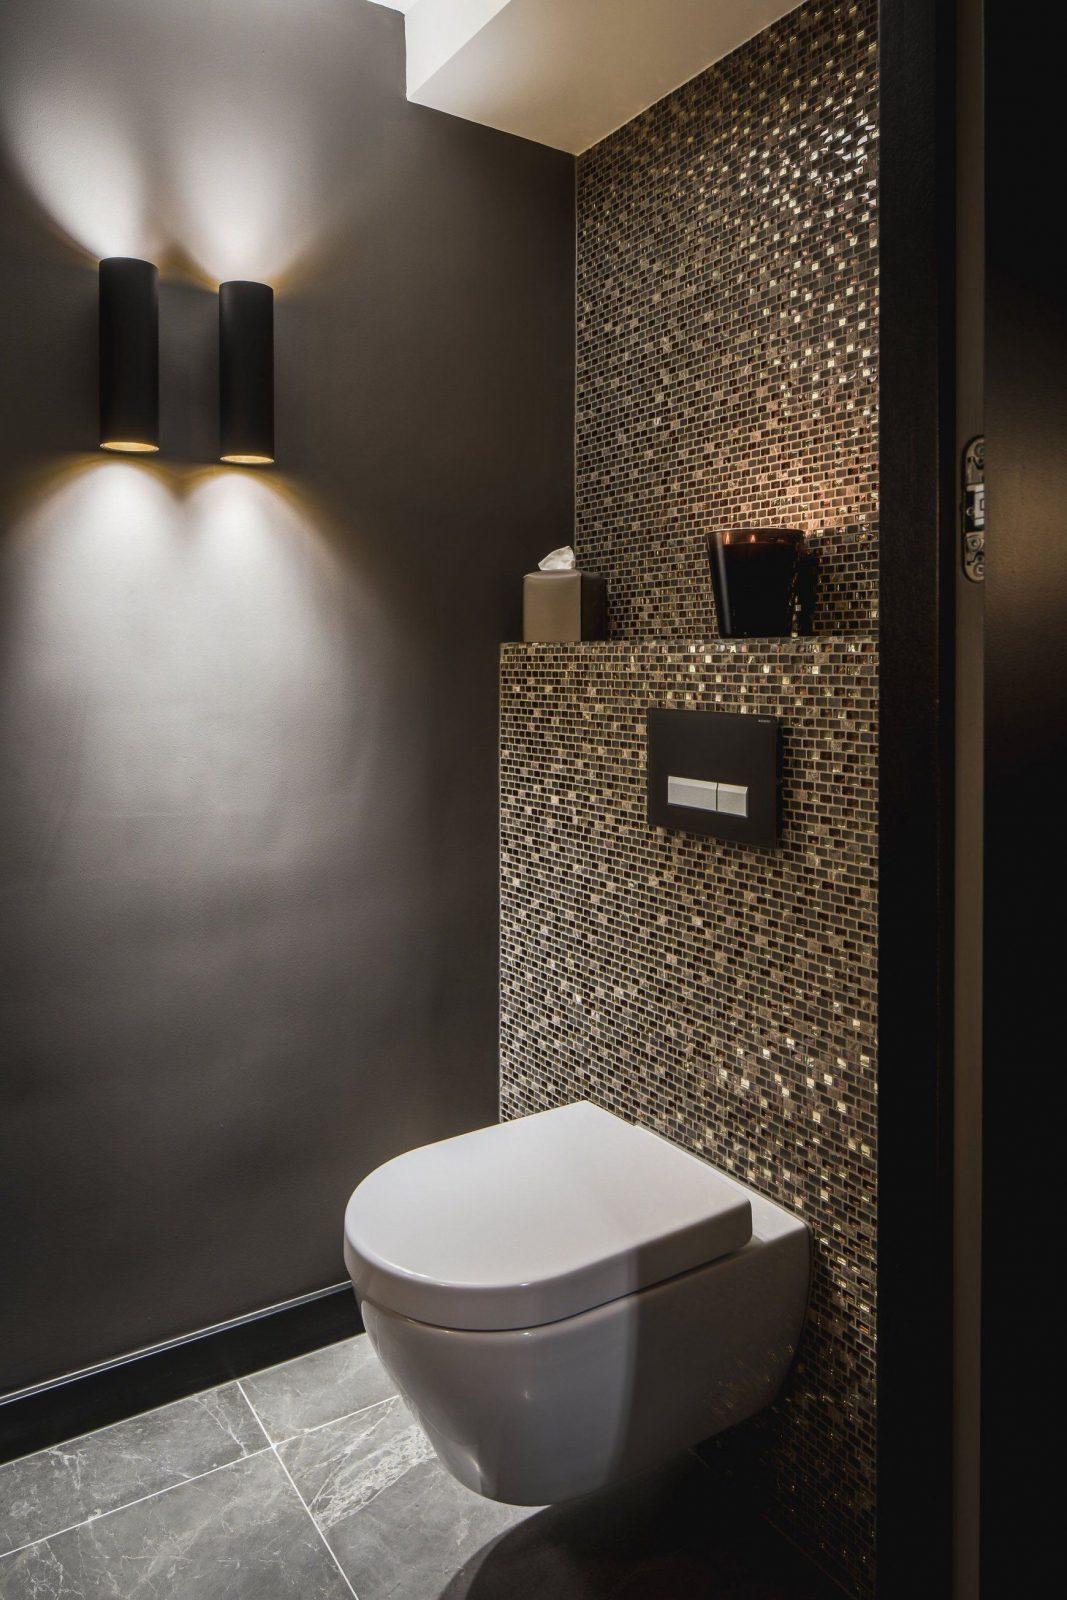 Idee Gäste Wc Mosaik Glimmer Dunkle Wände Schimmer Glas Gold von Mosaik Fliesen Muster Ideen Bild